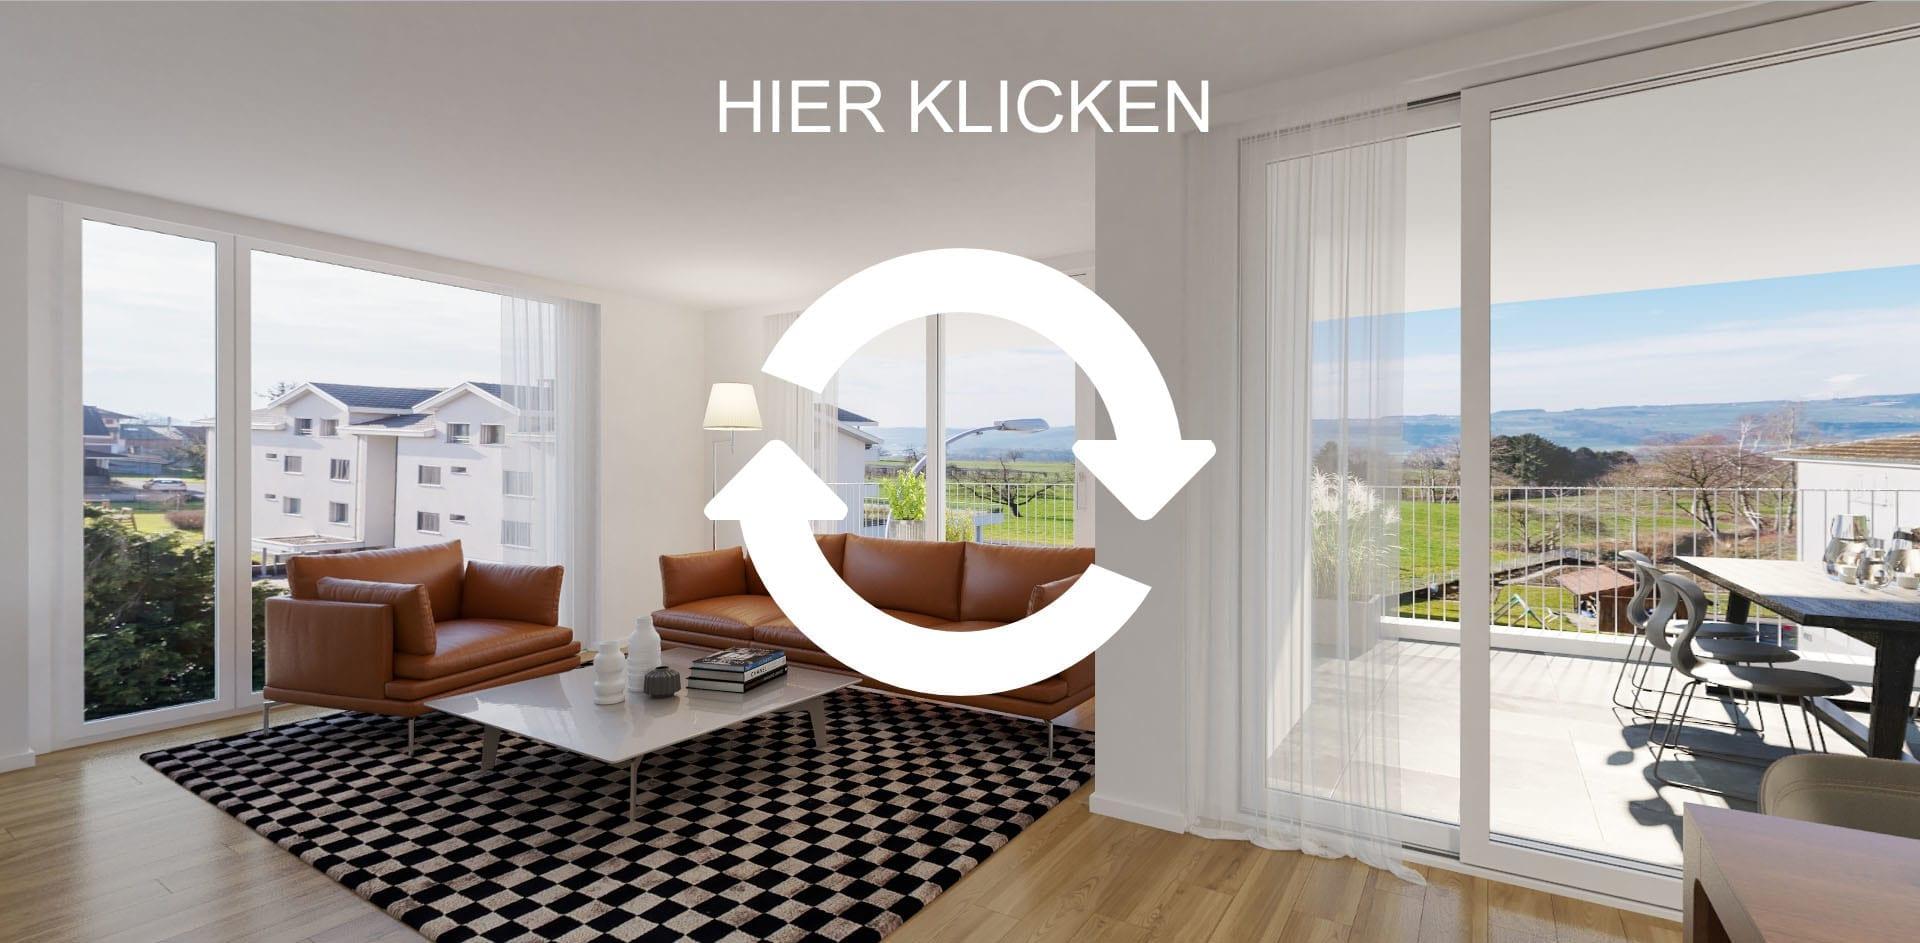 STOMEO Visualisierungen 3D Immobilien Immobilie Animation 360 Grad Wohnzimmer Besichtigung Panorama